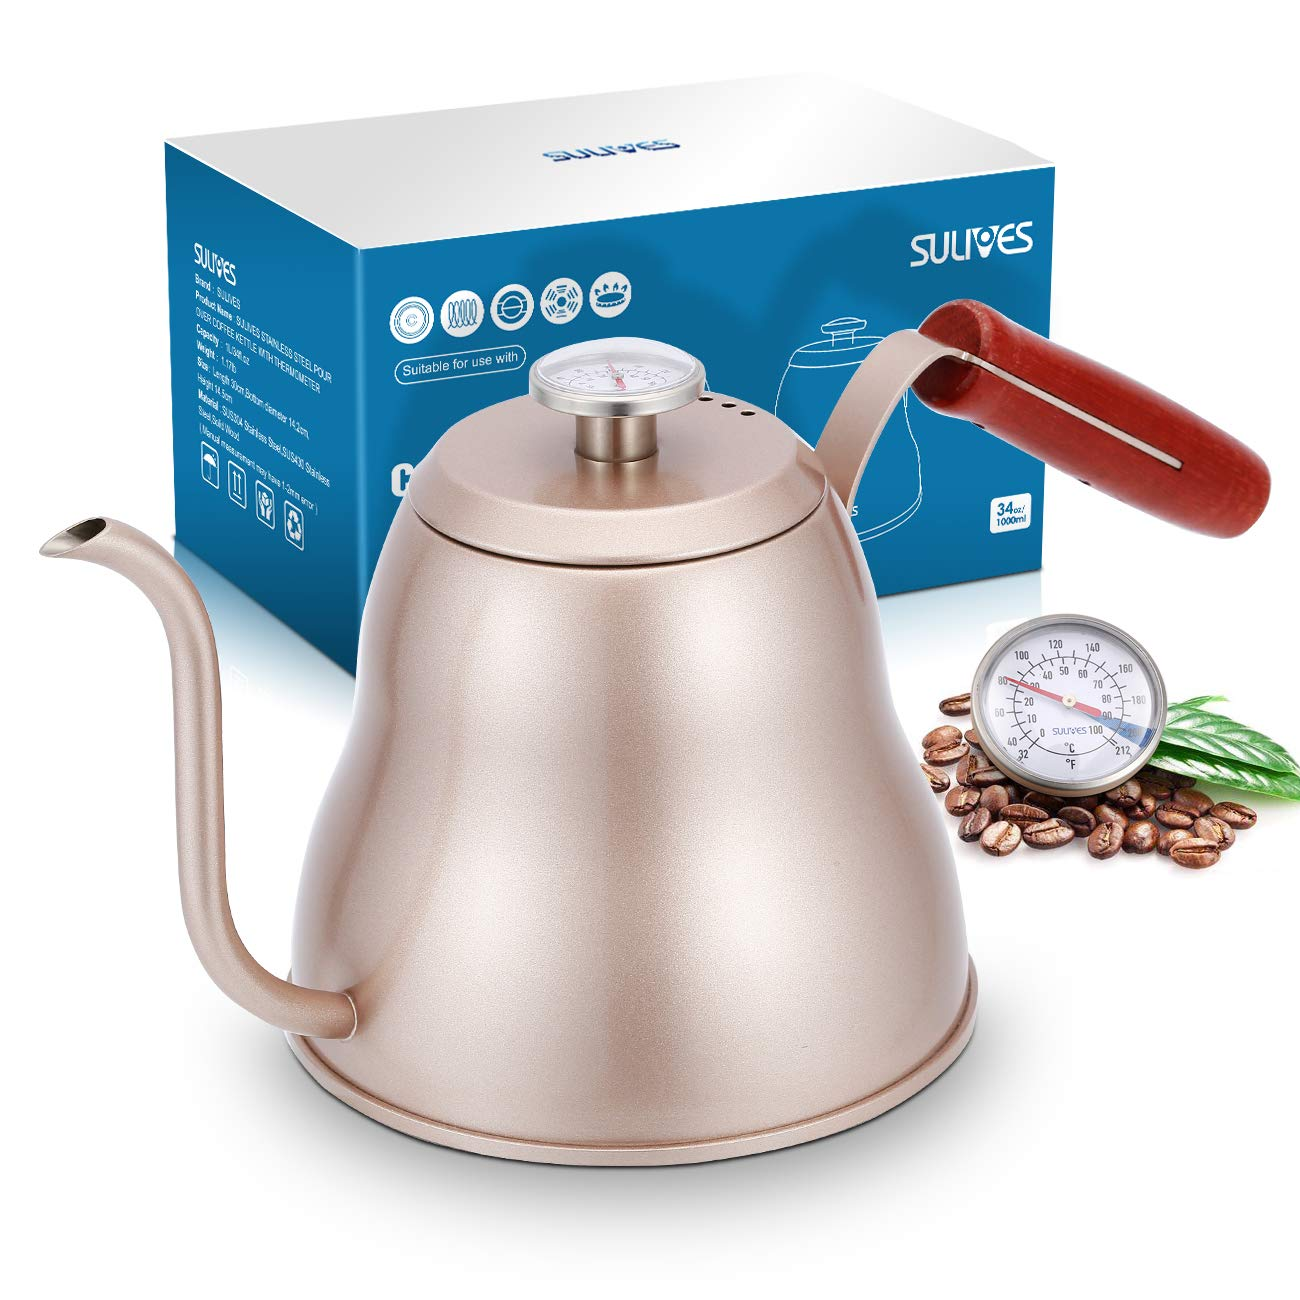 SULIVES Bollitore per Caff/è Pour Over Coffee con Termometro Integrato Bollitore in acciaio inox 1.2L//40oz